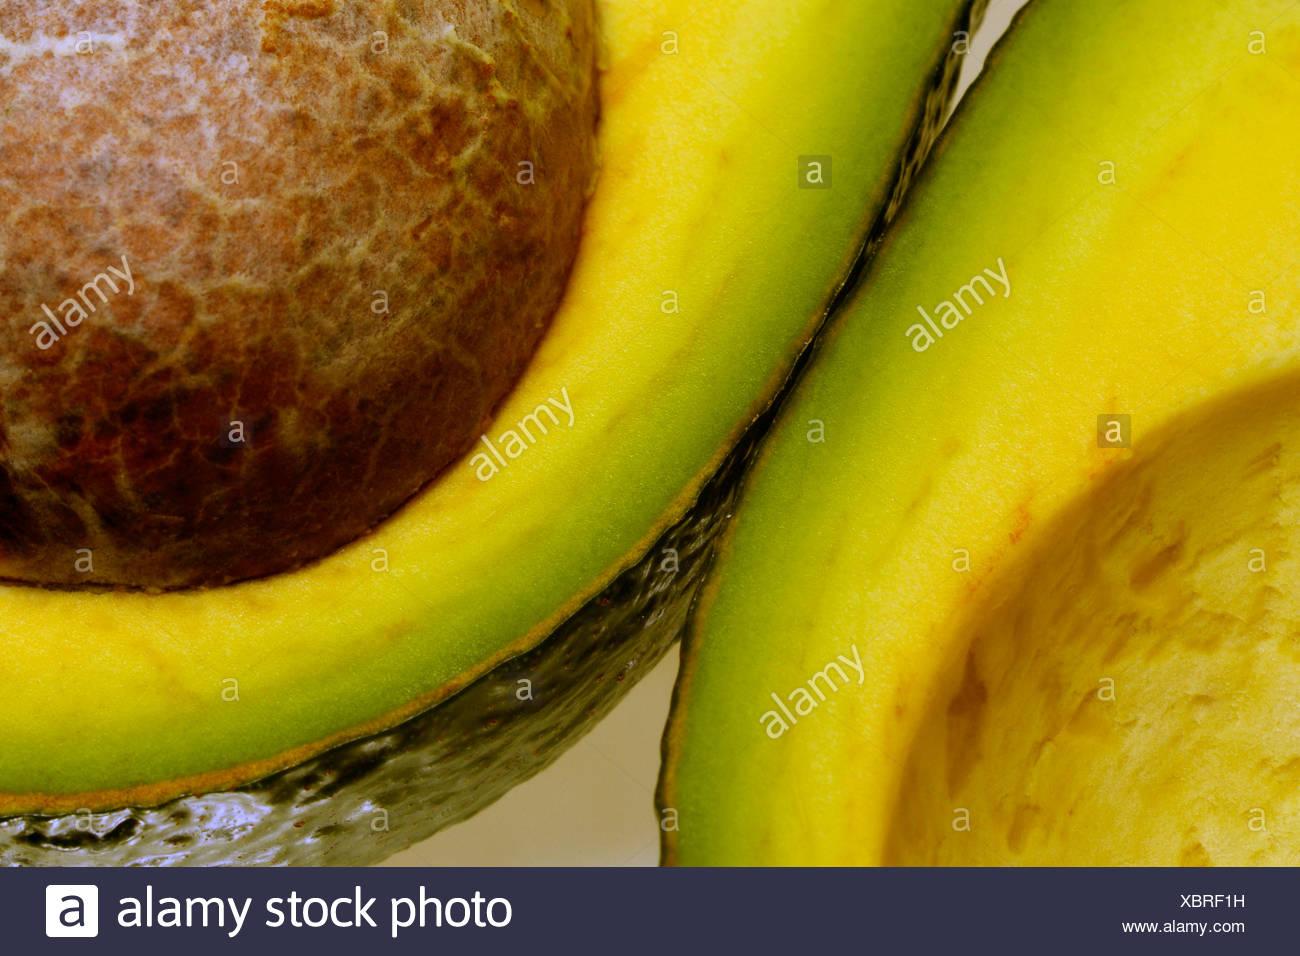 Cut open avocado - Stock Image